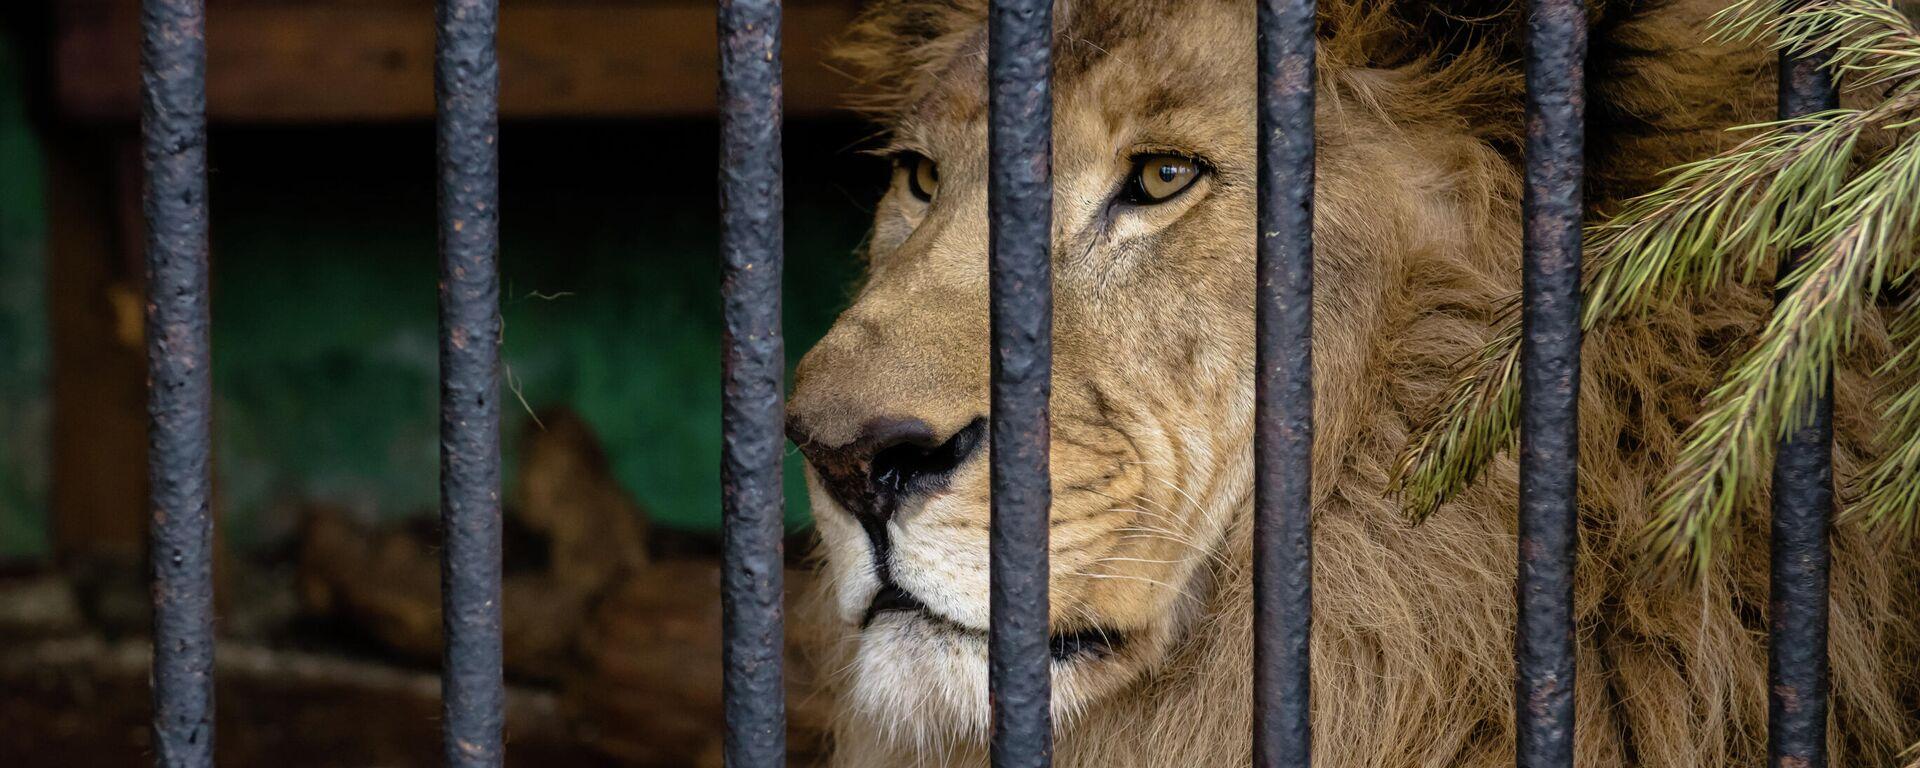 Ein Löwe im Gehege (Symbolbild) - SNA, 1920, 21.02.2021